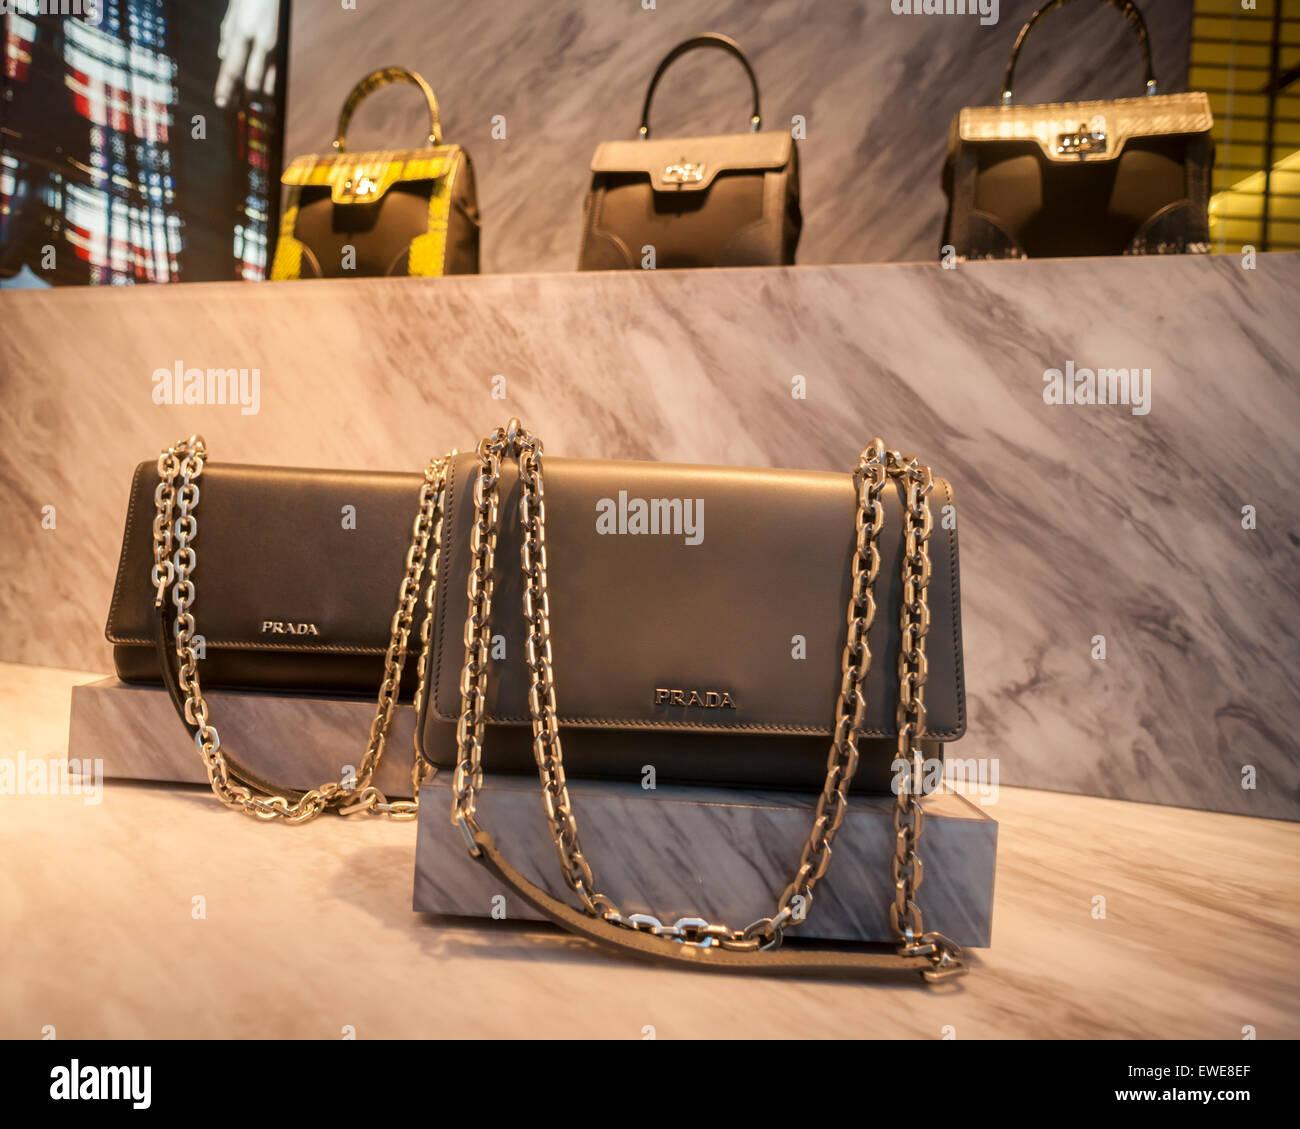 Sacs à main en cuir dans la fenêtre d un magasin Prada à New York le mardi,  Juin 16, 2015. Les produits de luxe comme Parada, Louis Vuitton et Gucci  voient ... 4a2b4982615